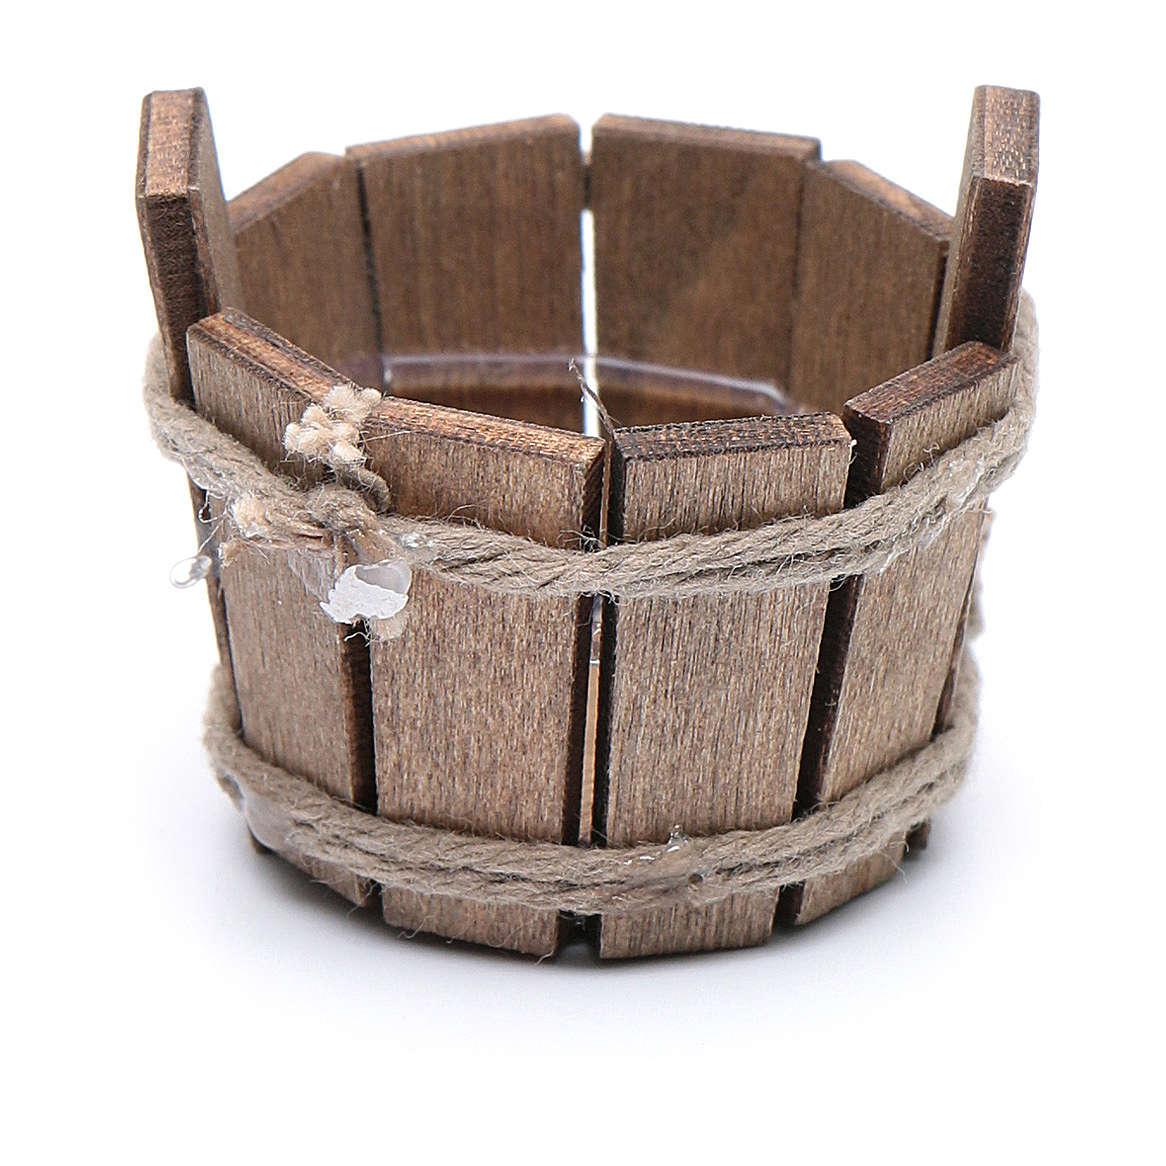 Cuba de madera 2,5x3 cm belén hecho con bricolaje 4